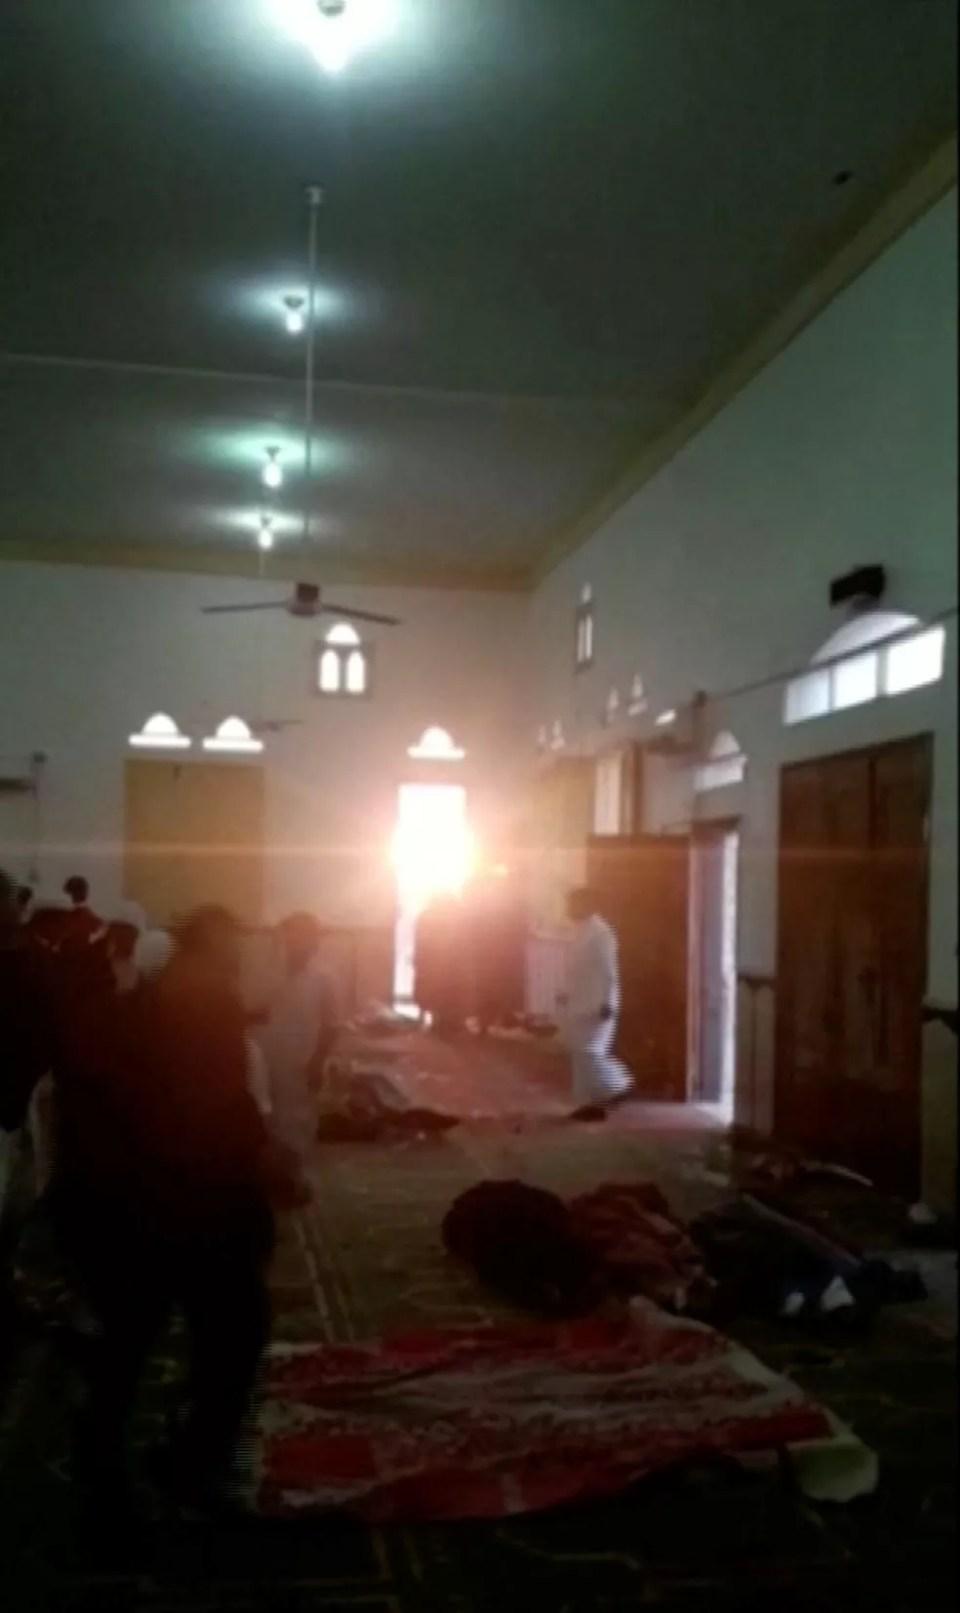 Corpos no chão da mesquita atacada no Egito (Foto: Reuters)